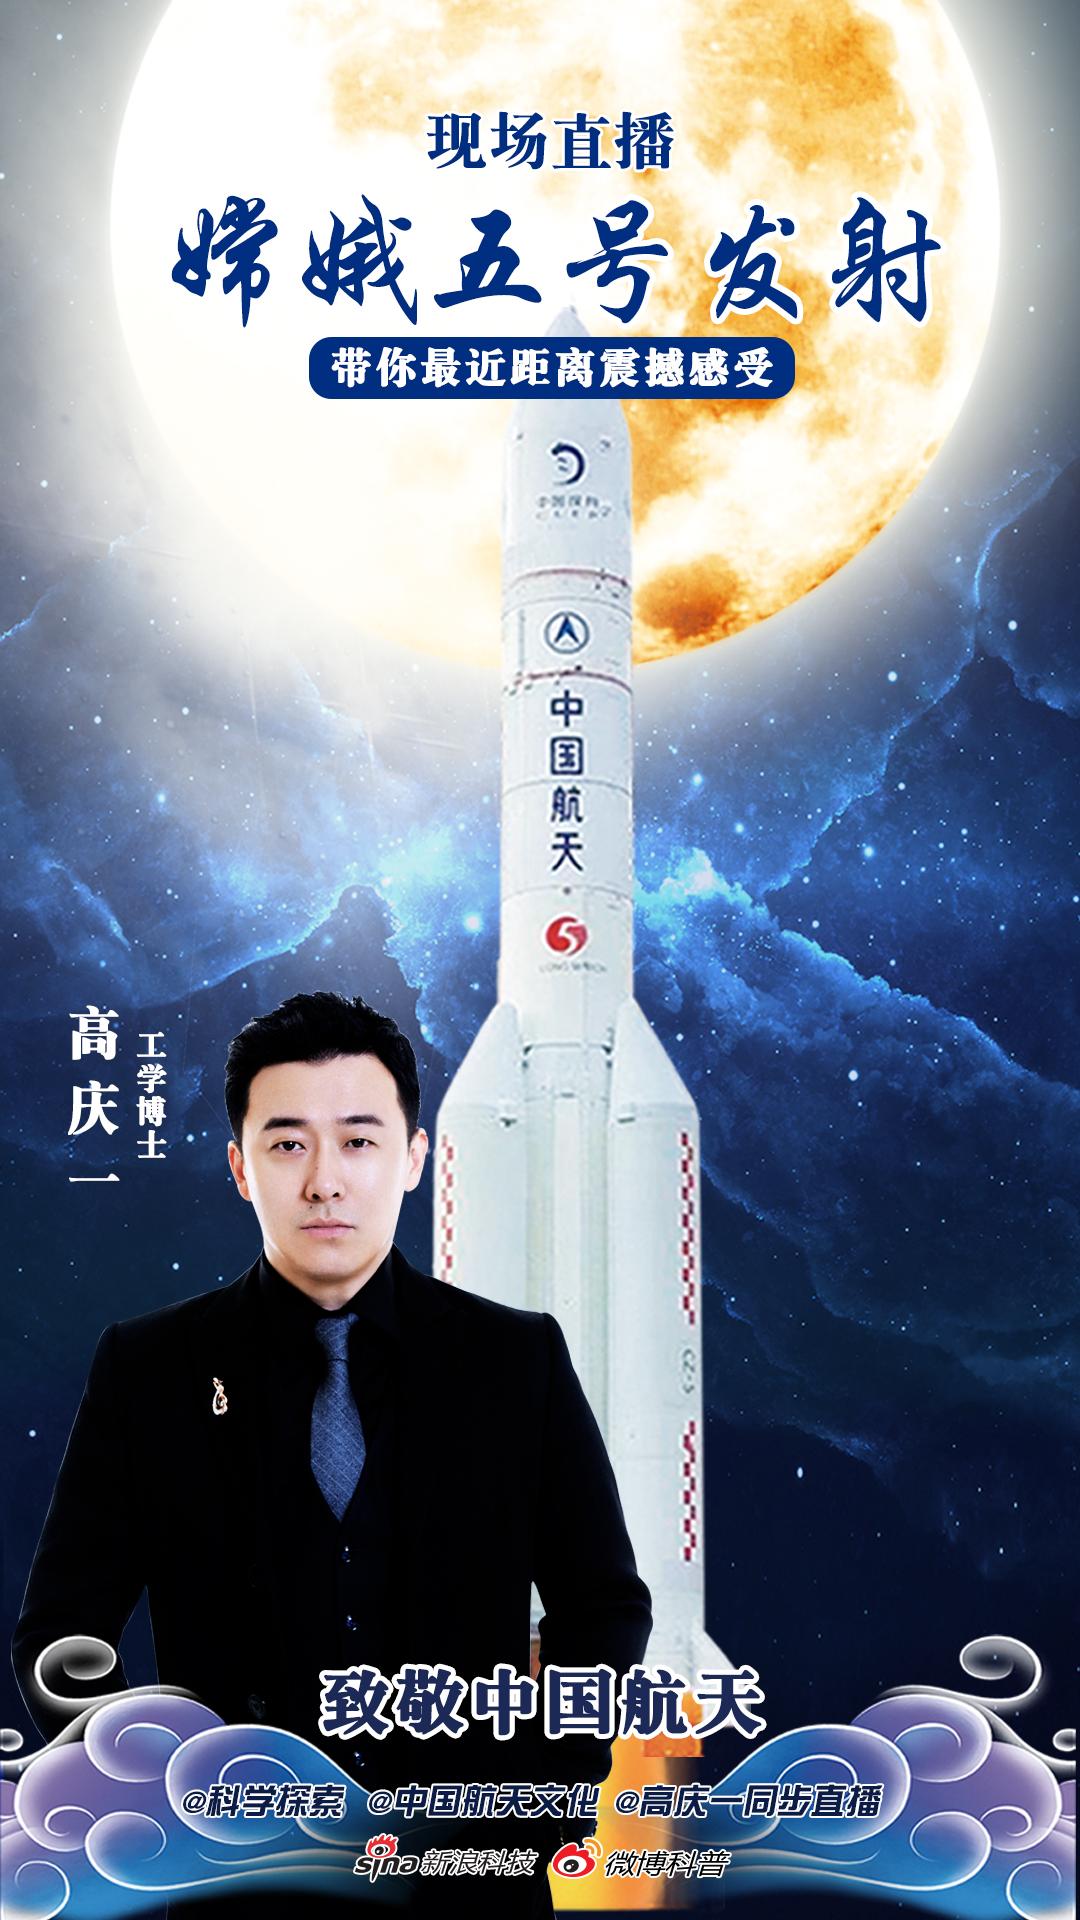 高庆一受邀进行嫦娥五号发射直播     发射场内近距离感受震撼